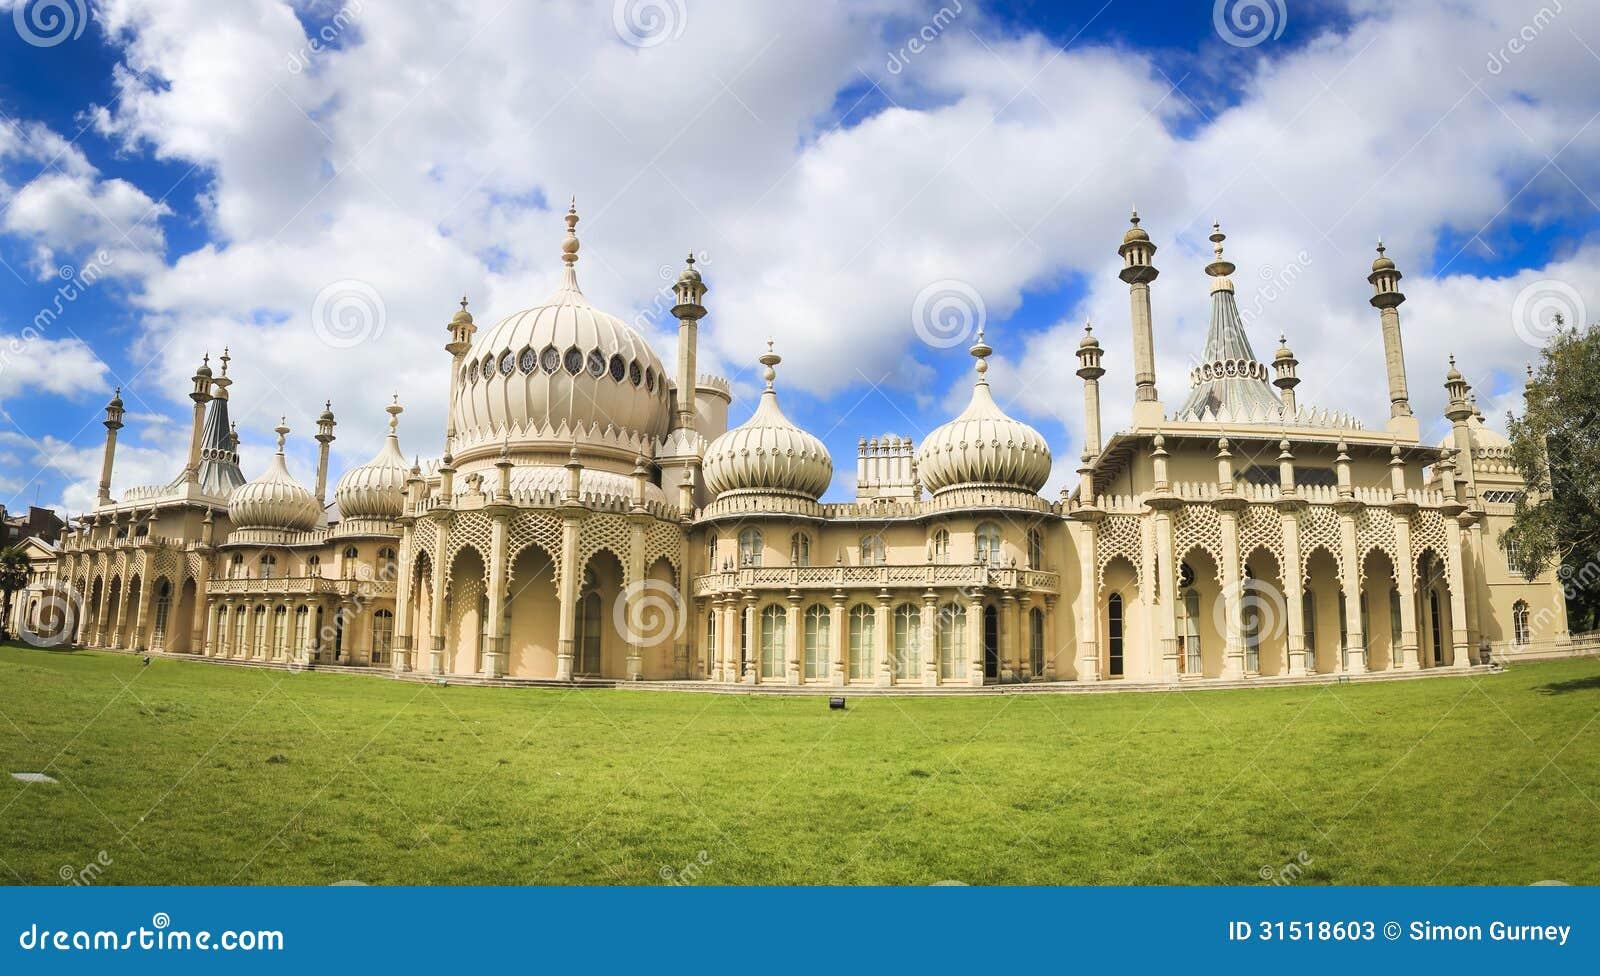 Royal Pavillion Panorama Brighton England Uk Stock Photos Image 31518603